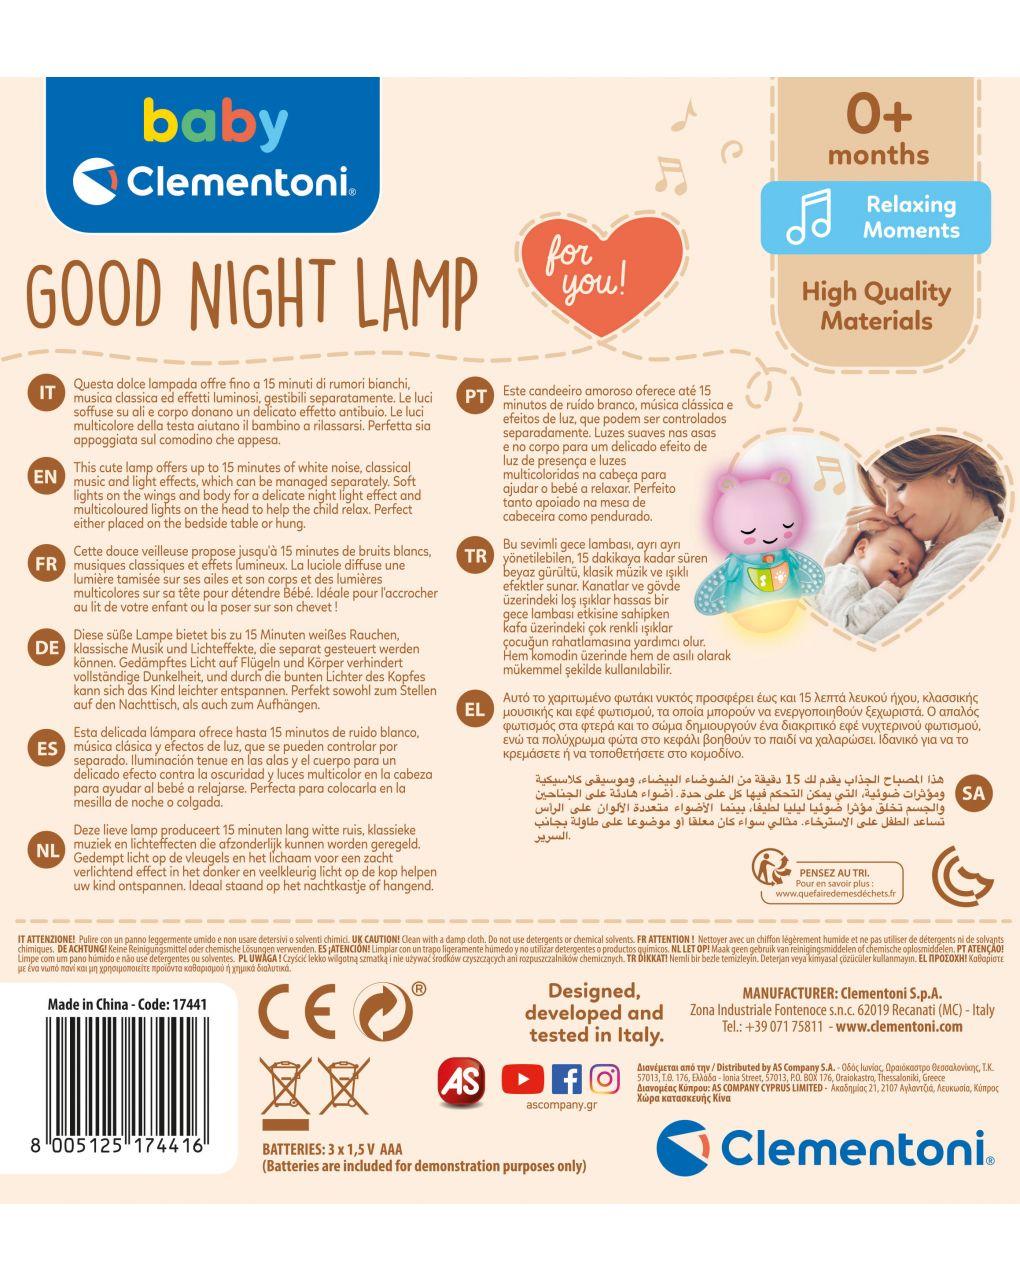 Babyclementoni - abajur - Baby Clementoni